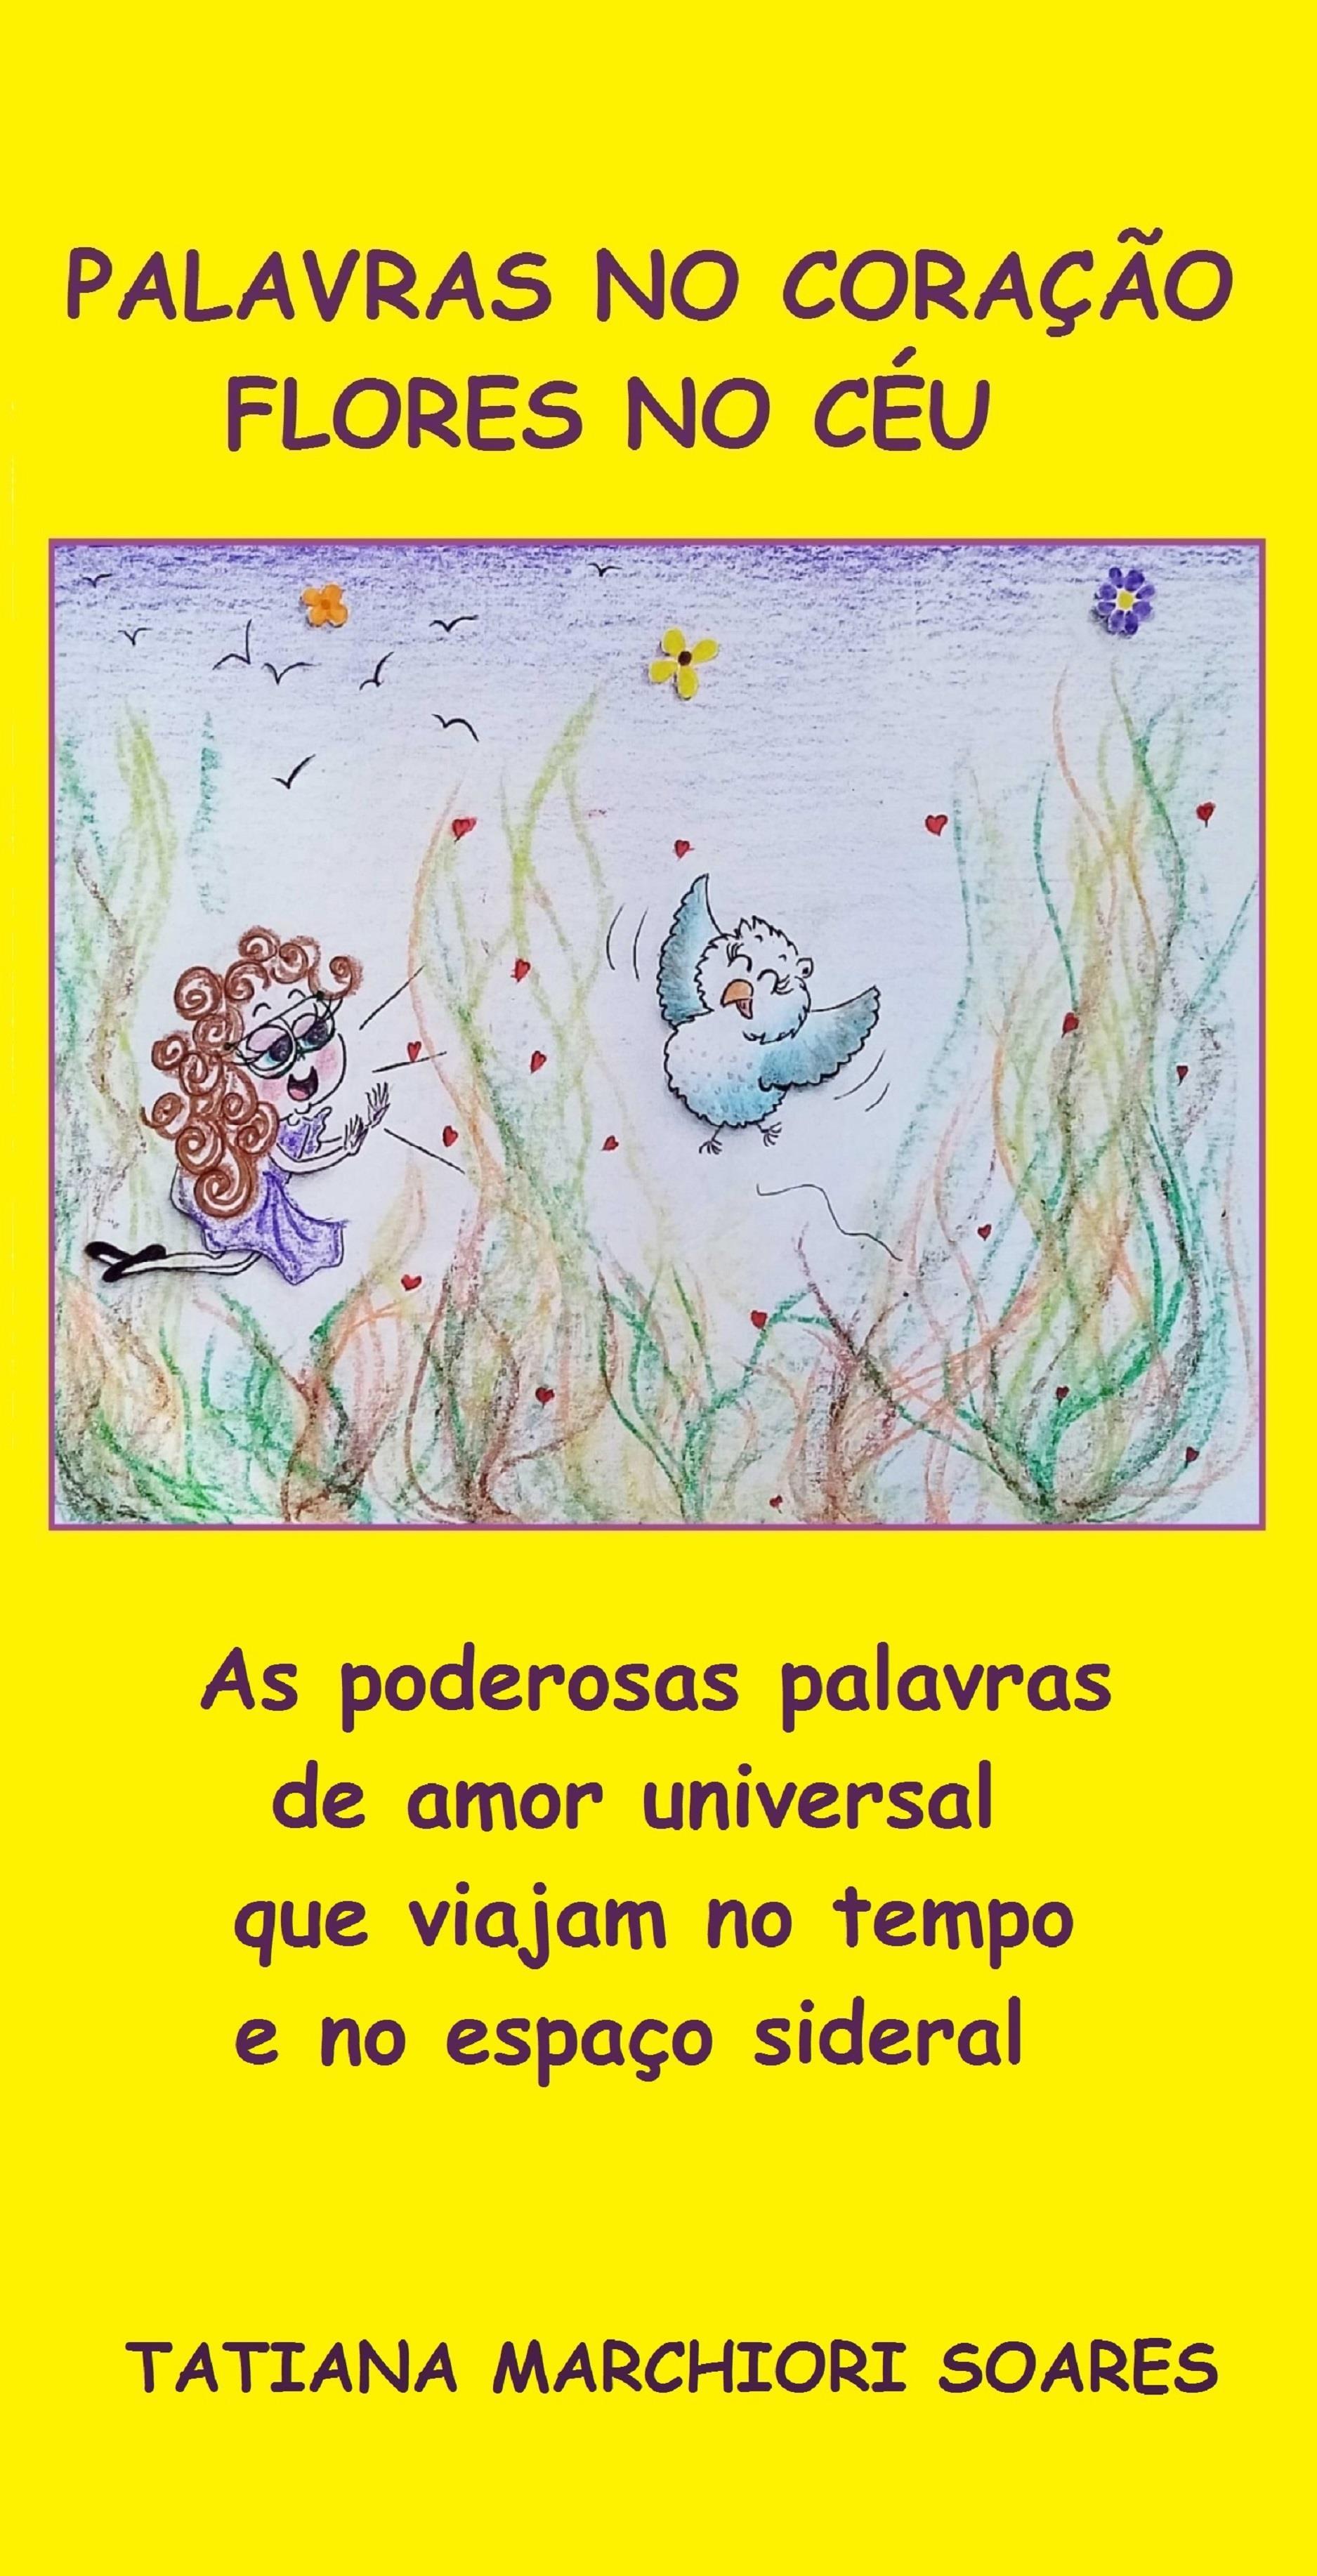 Palavras no coração, flores no céu